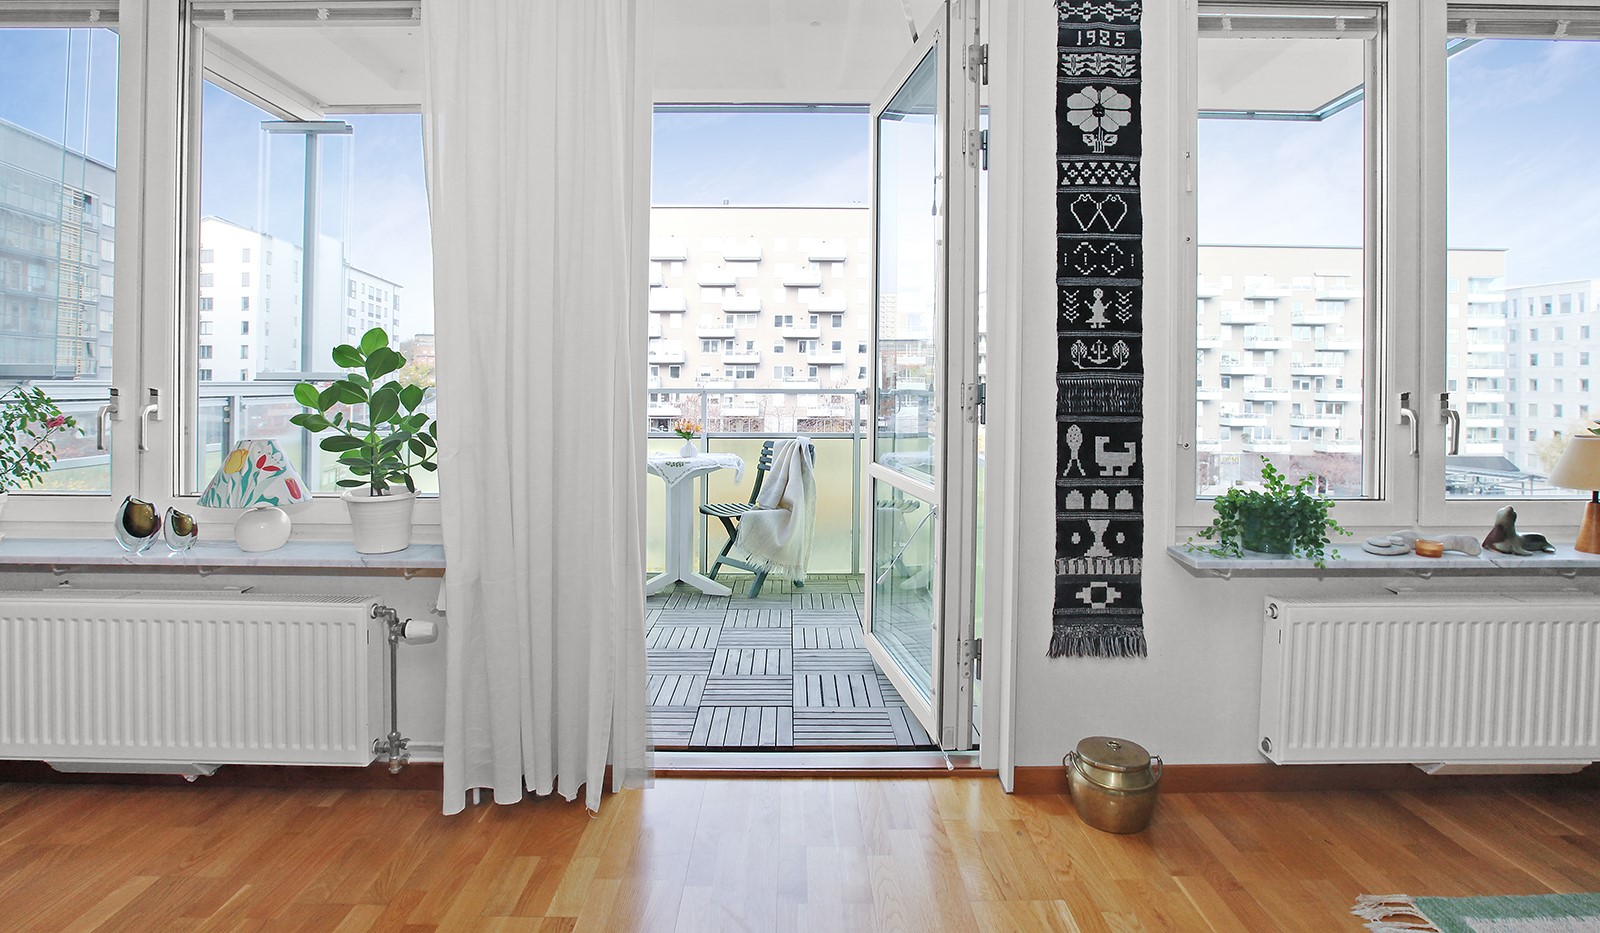 Sjöviksvägen 37, 3 tr - Härligt ljusinsläpp från stora fönsterpartier